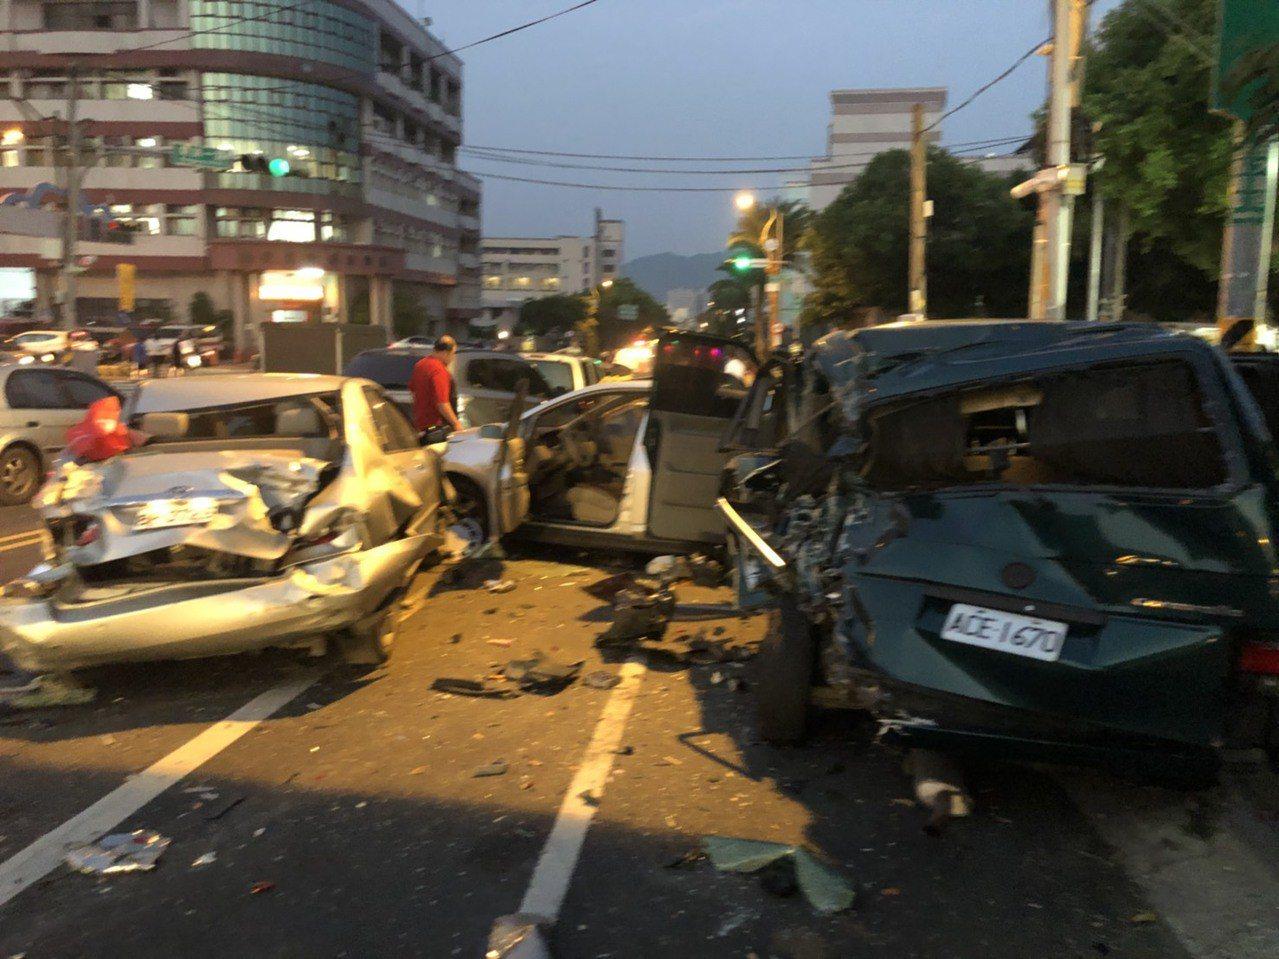 南投市民族路和南崗路口停等紅燈的車輛被拖板車一撞,幾乎成了廢鐵。記者江良誠/攝影